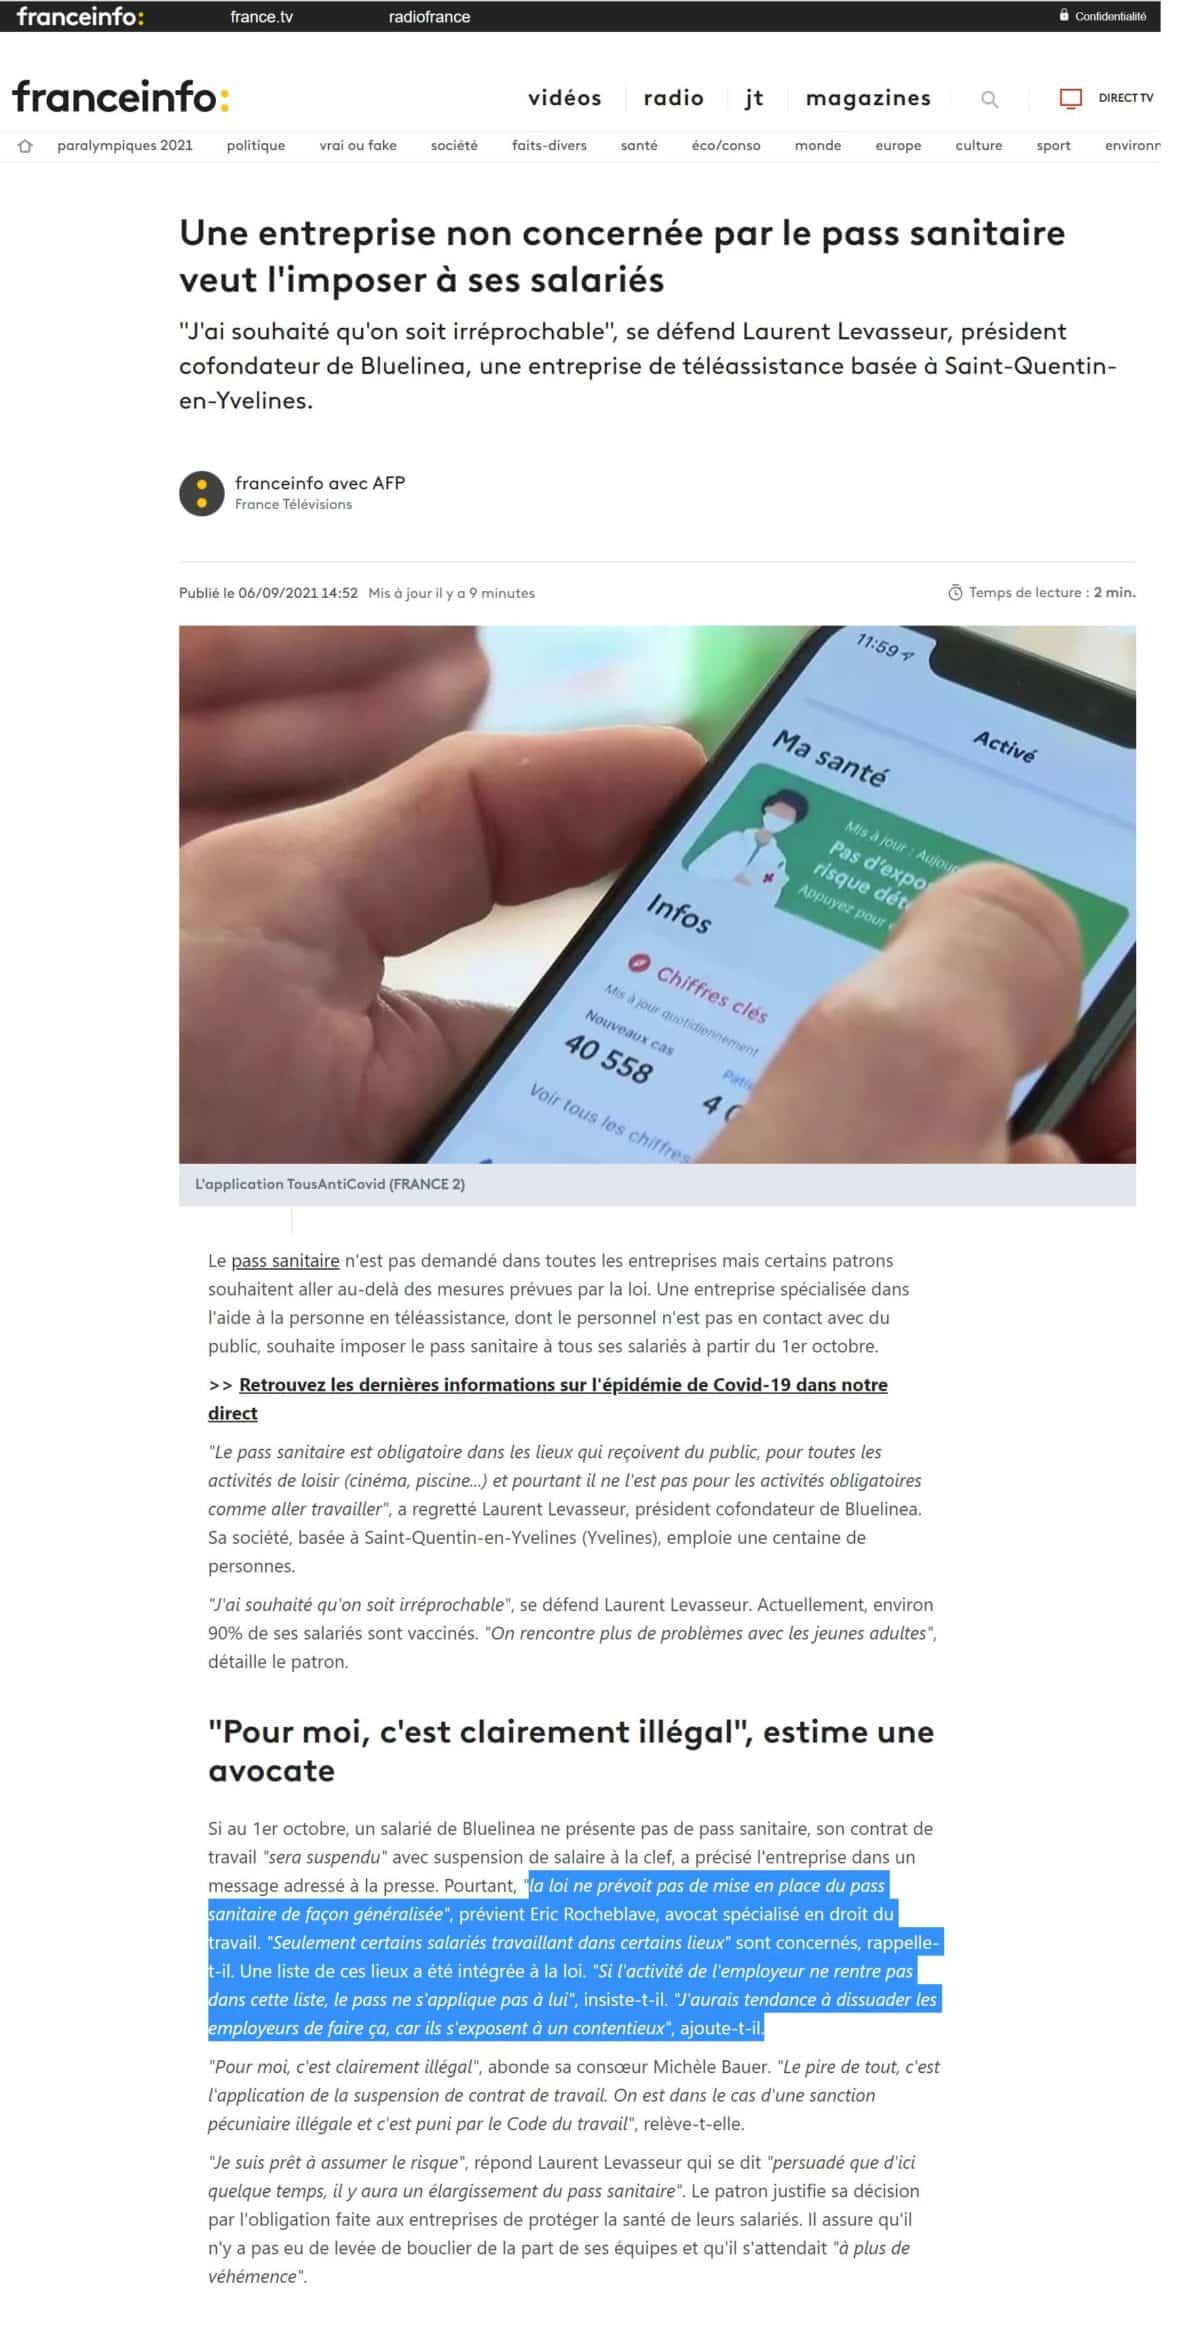 https://www.francetvinfo.fr/sante/maladie/coronavirus/pass-sanitaire/une-entreprise-non-concernee-par-le-pass-sanitaire-veut-l-imposer-a-ses-salaries_4761885.html